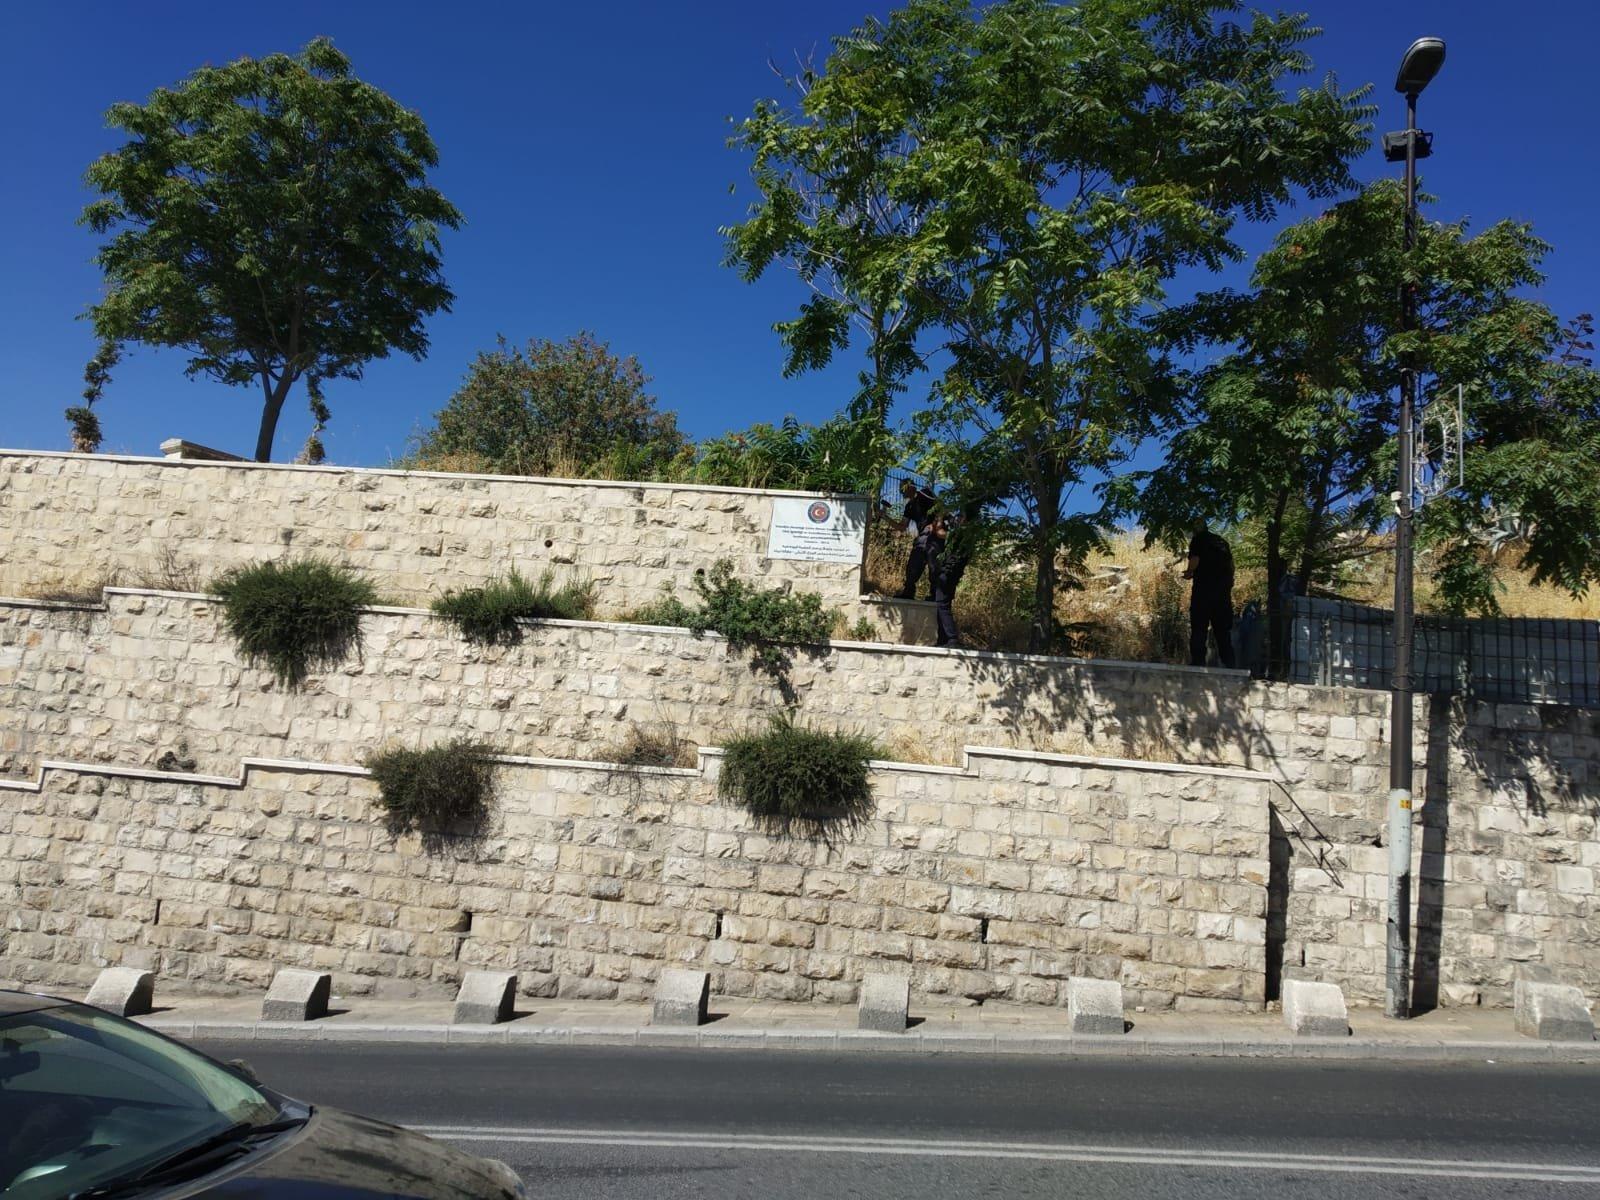 بلدية القدس تزيل لوحات تحمل علم تركيا عن مقبرة اليوسفية